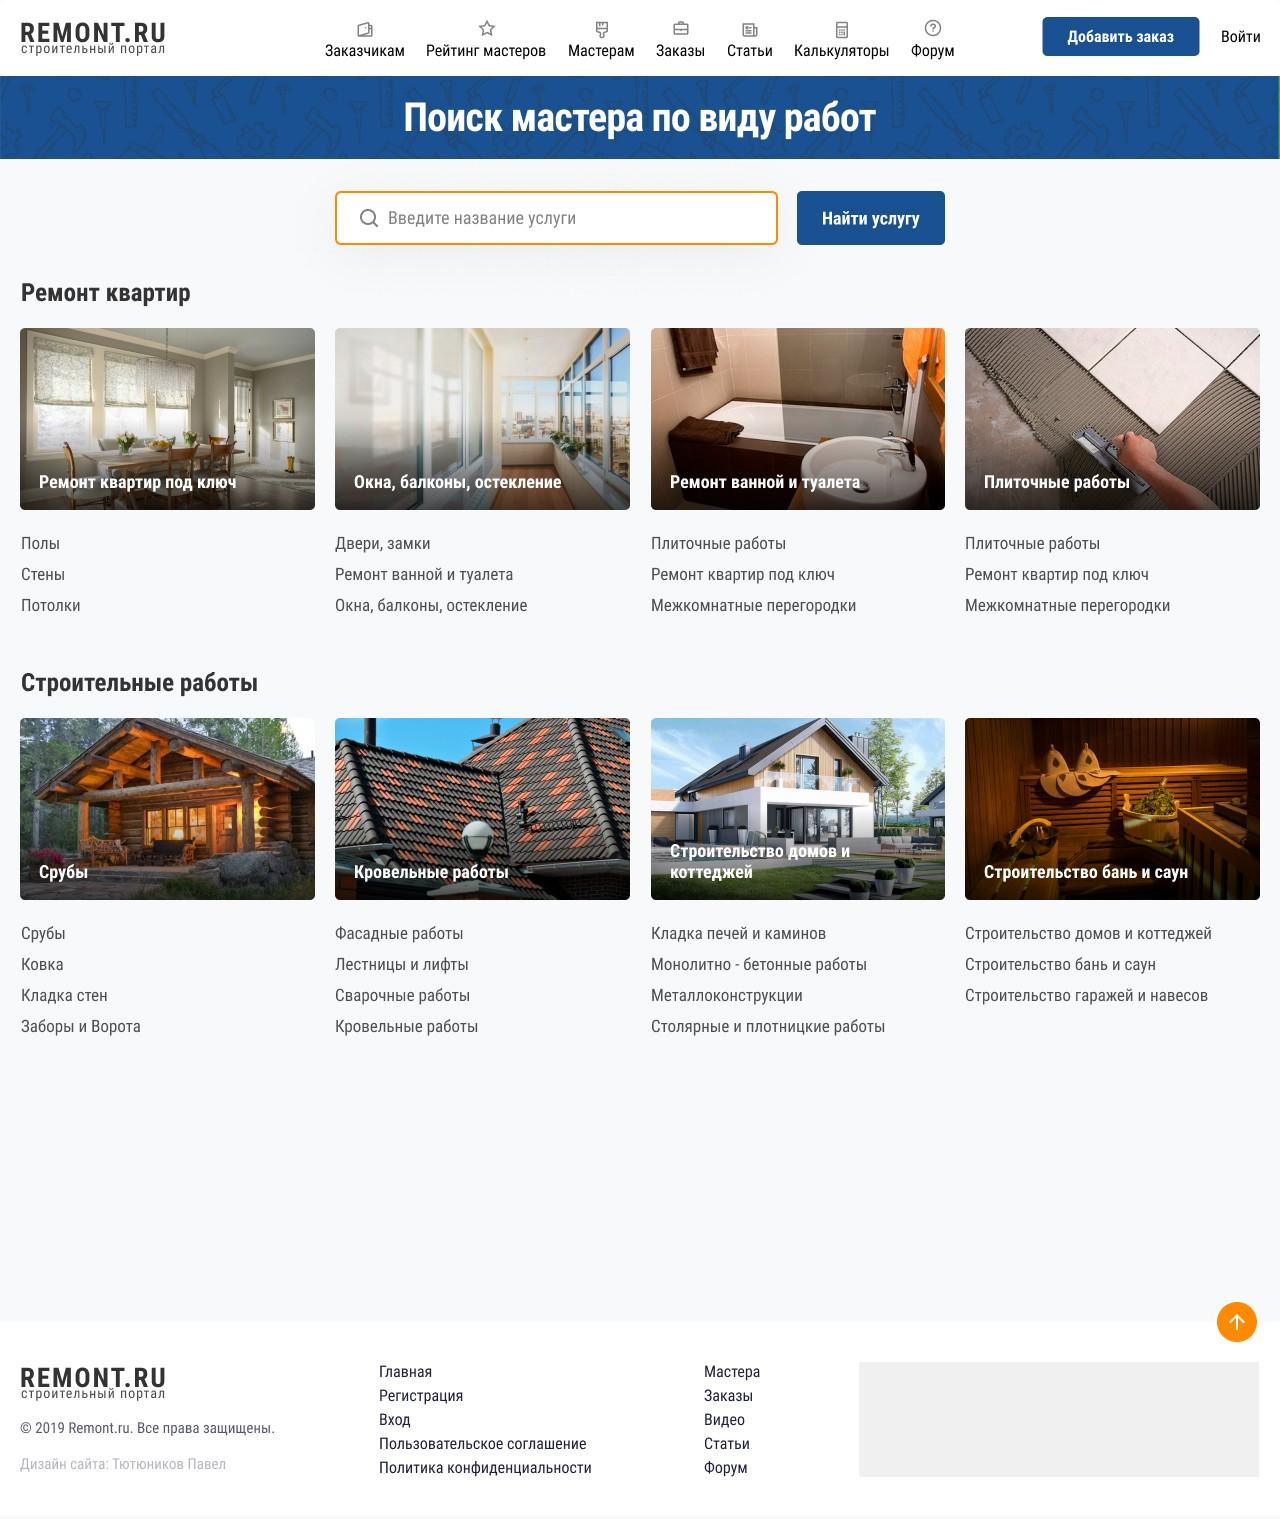 remont.ru дизайн строительного портала